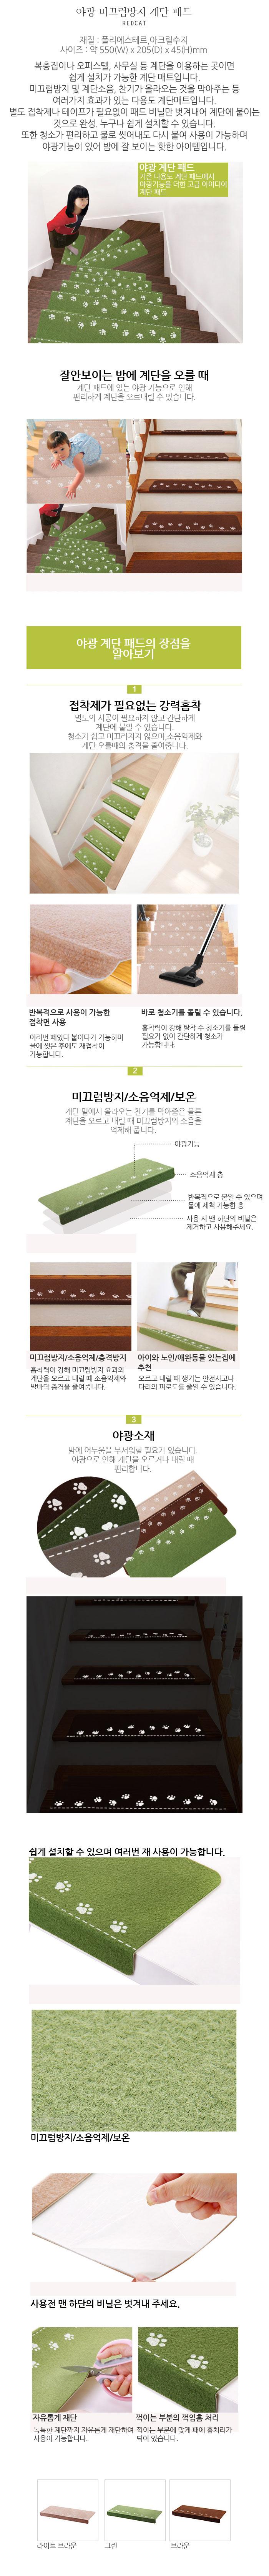 야광 미끄럼방지 계단 패드 - 네코리빙, 5,760원, 위생/안전용품, 안전용품